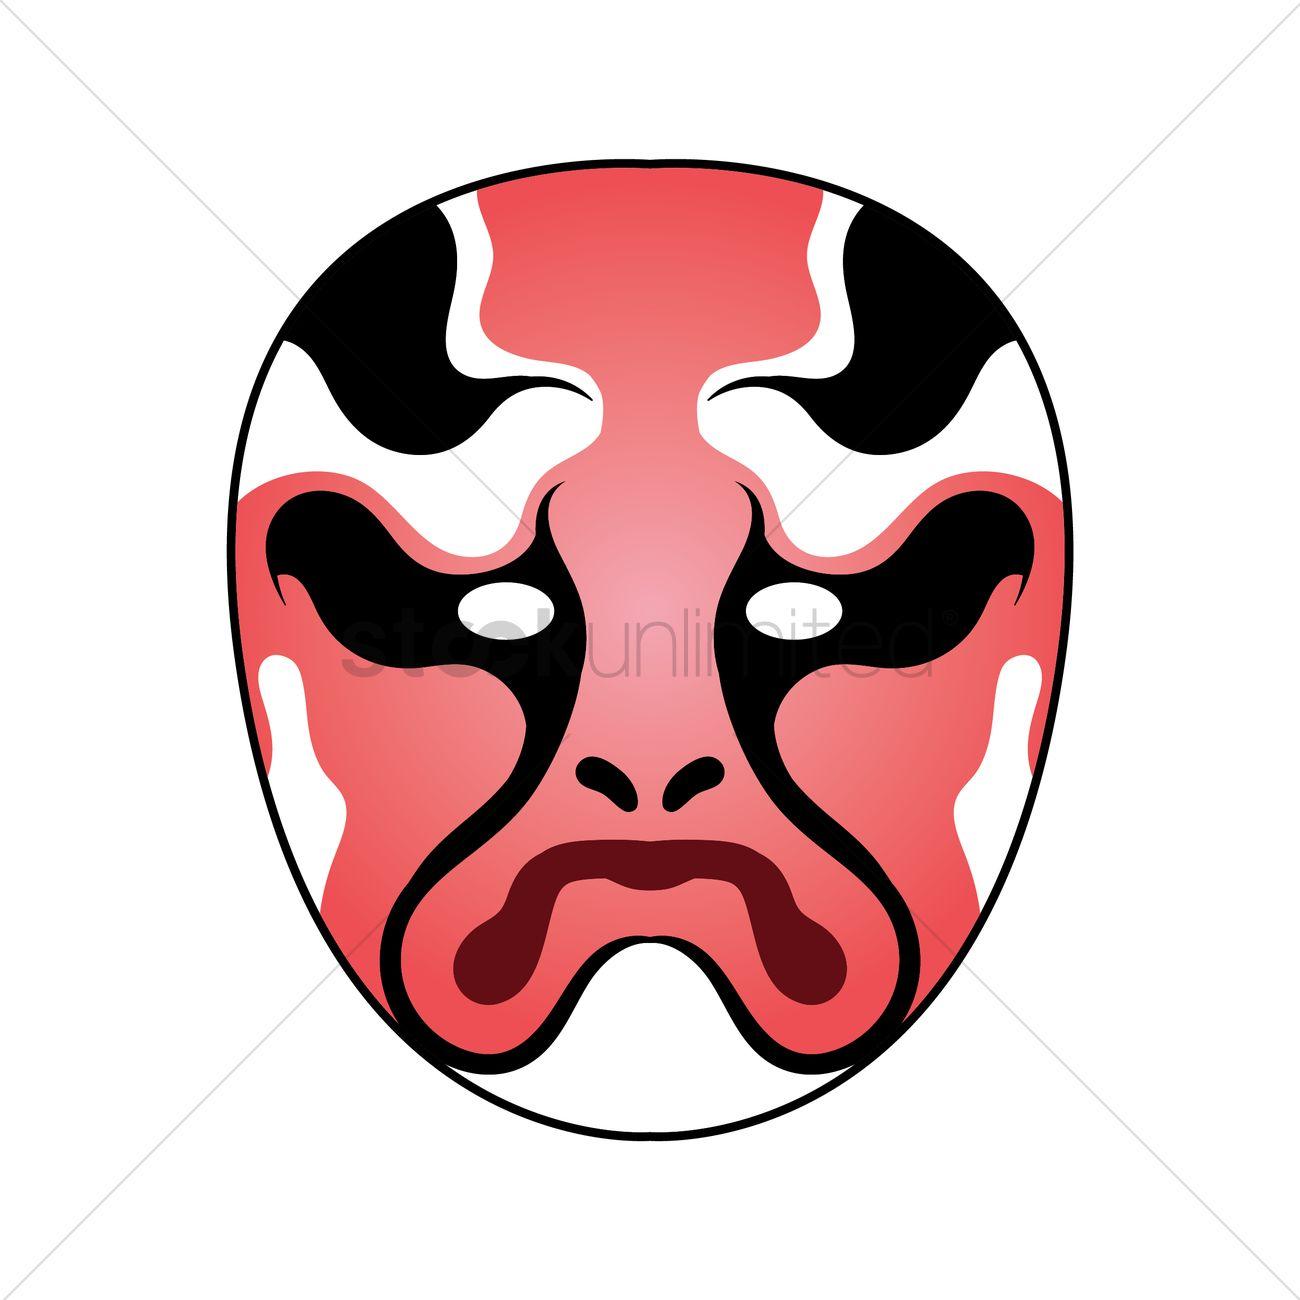 Taiwanese Opera Mask Design